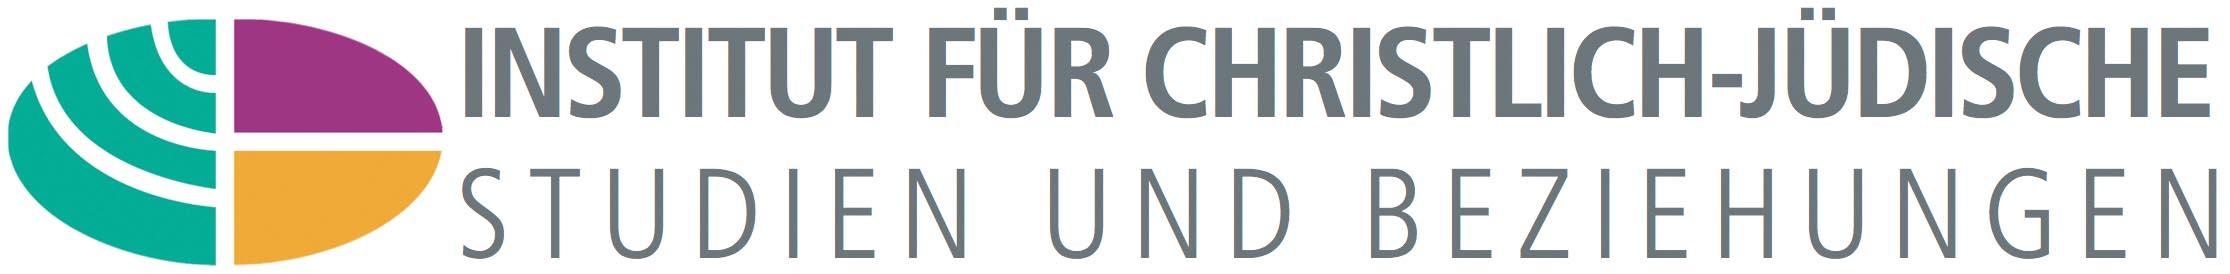 Logo-Institut .jpg